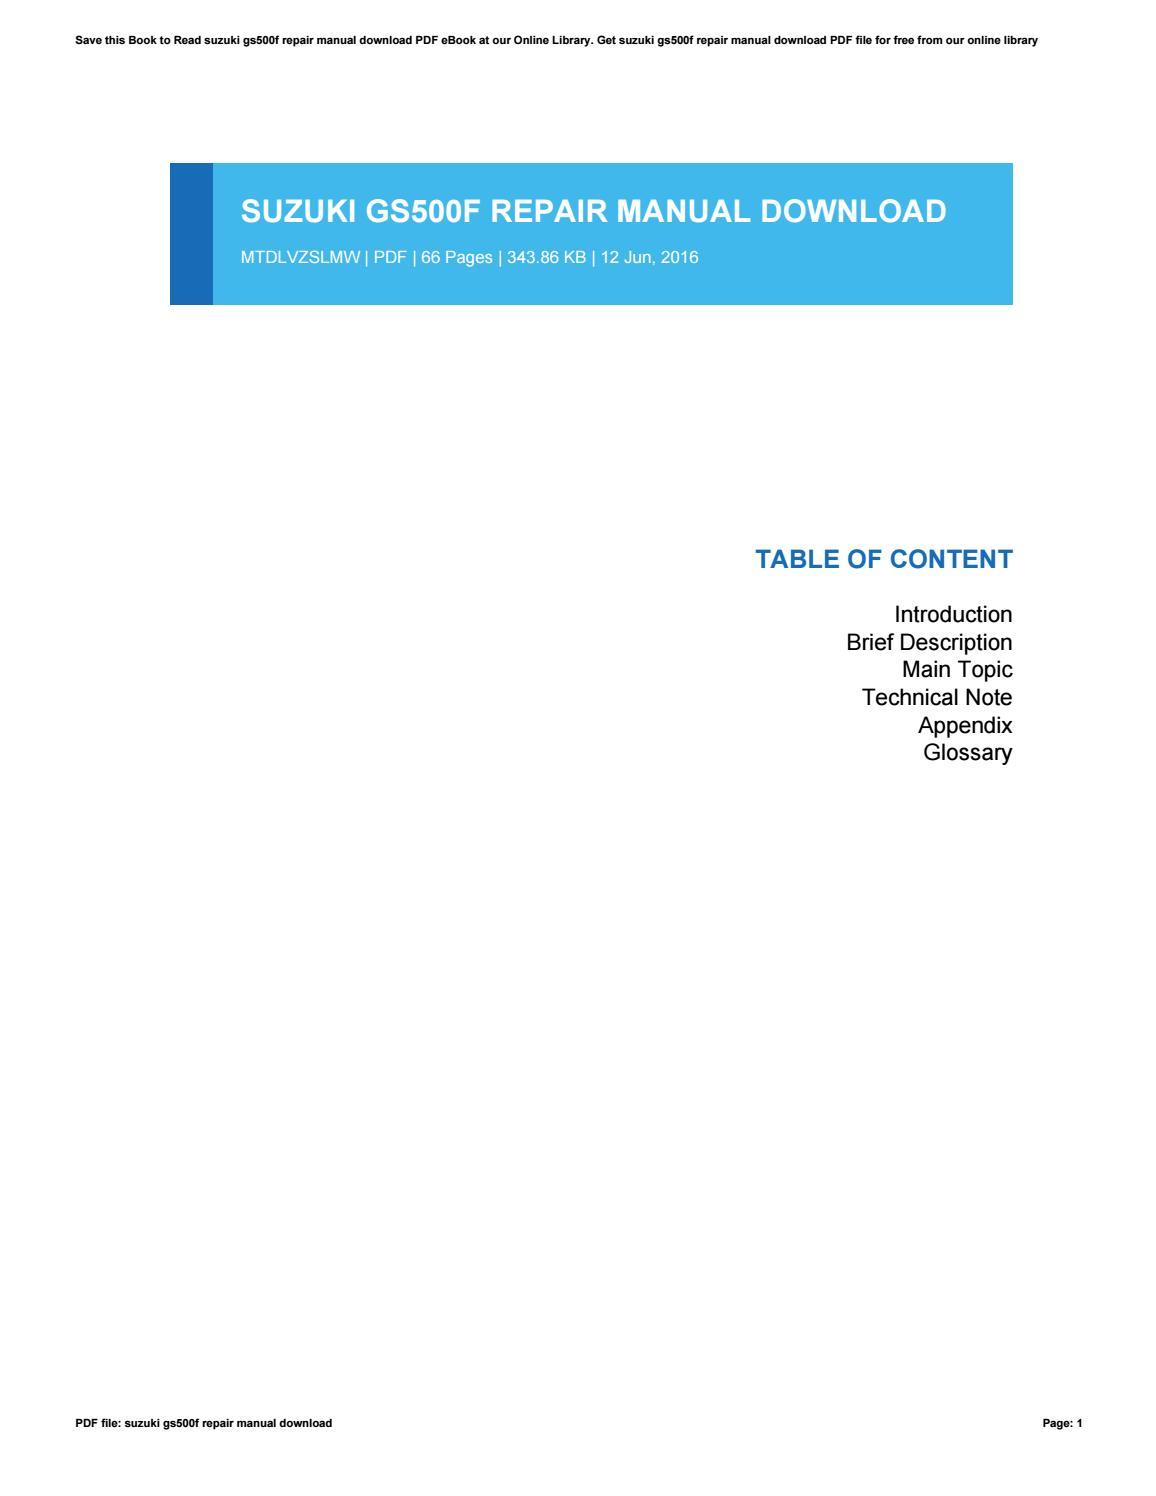 gs500f manual ebook